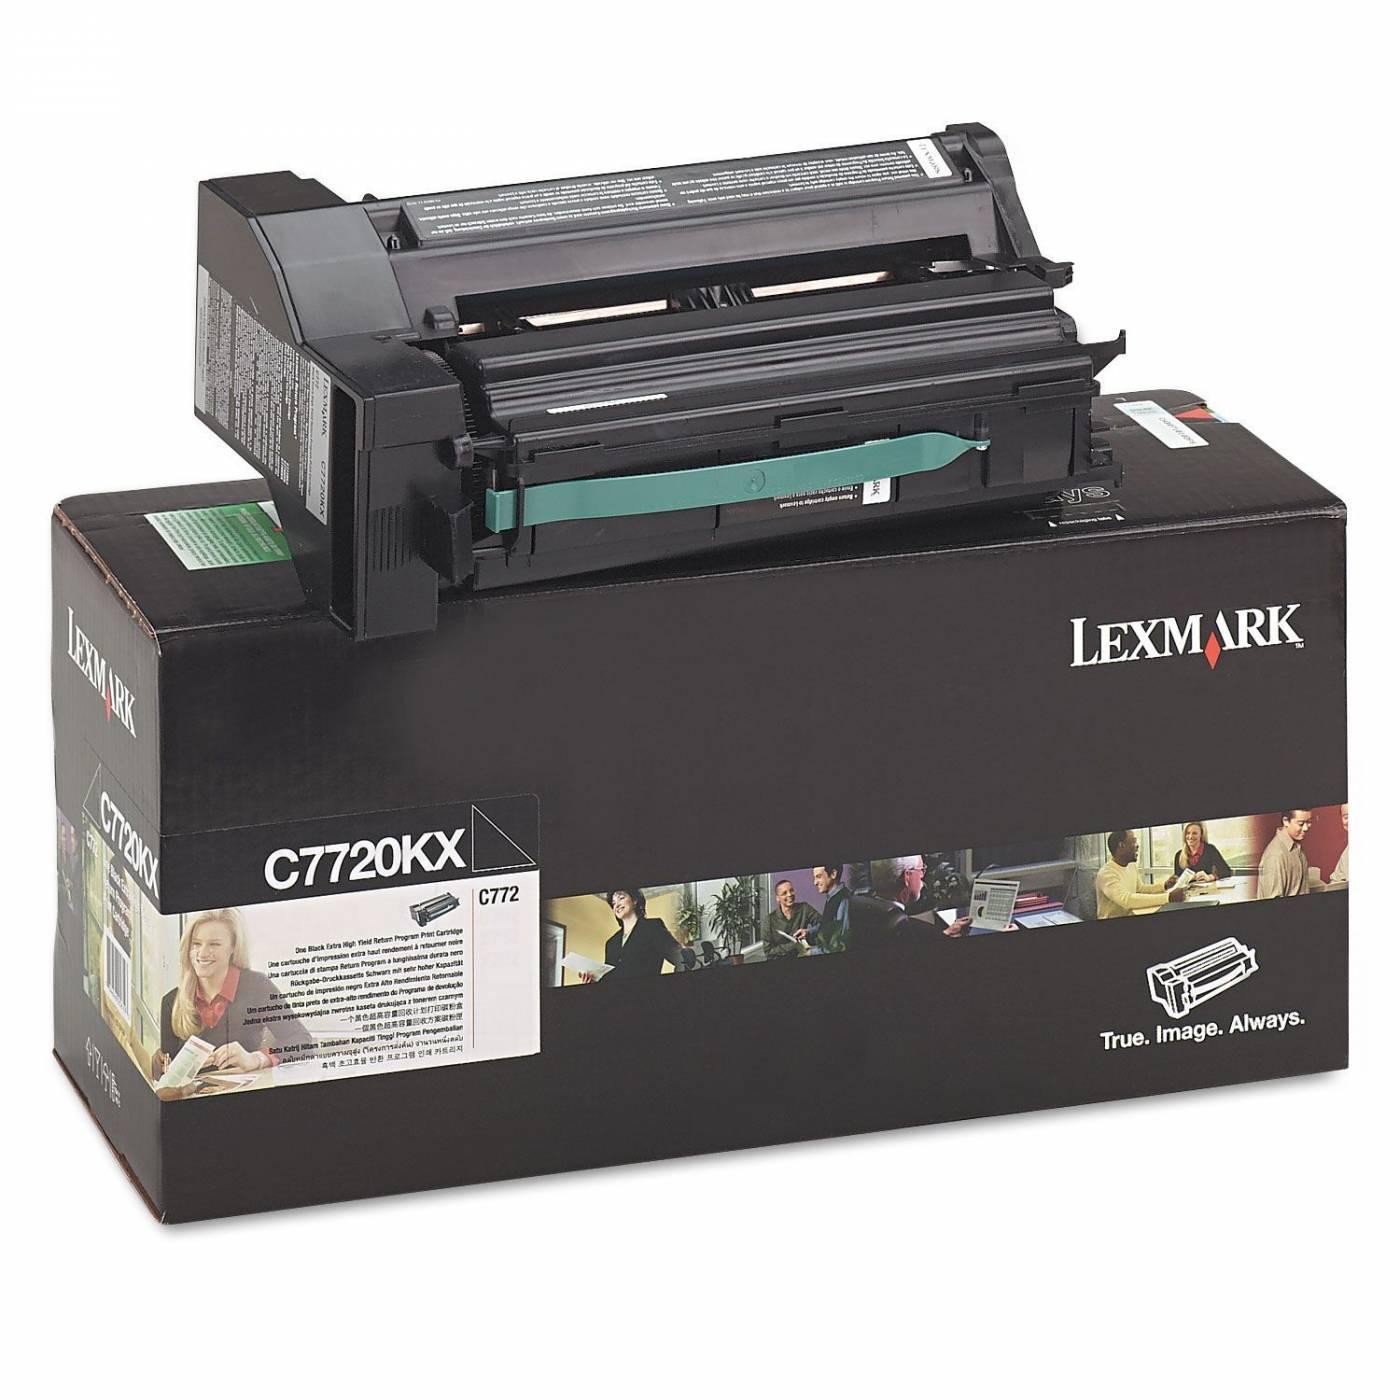 Toner Lexmark C772 C7720KX Original Preto